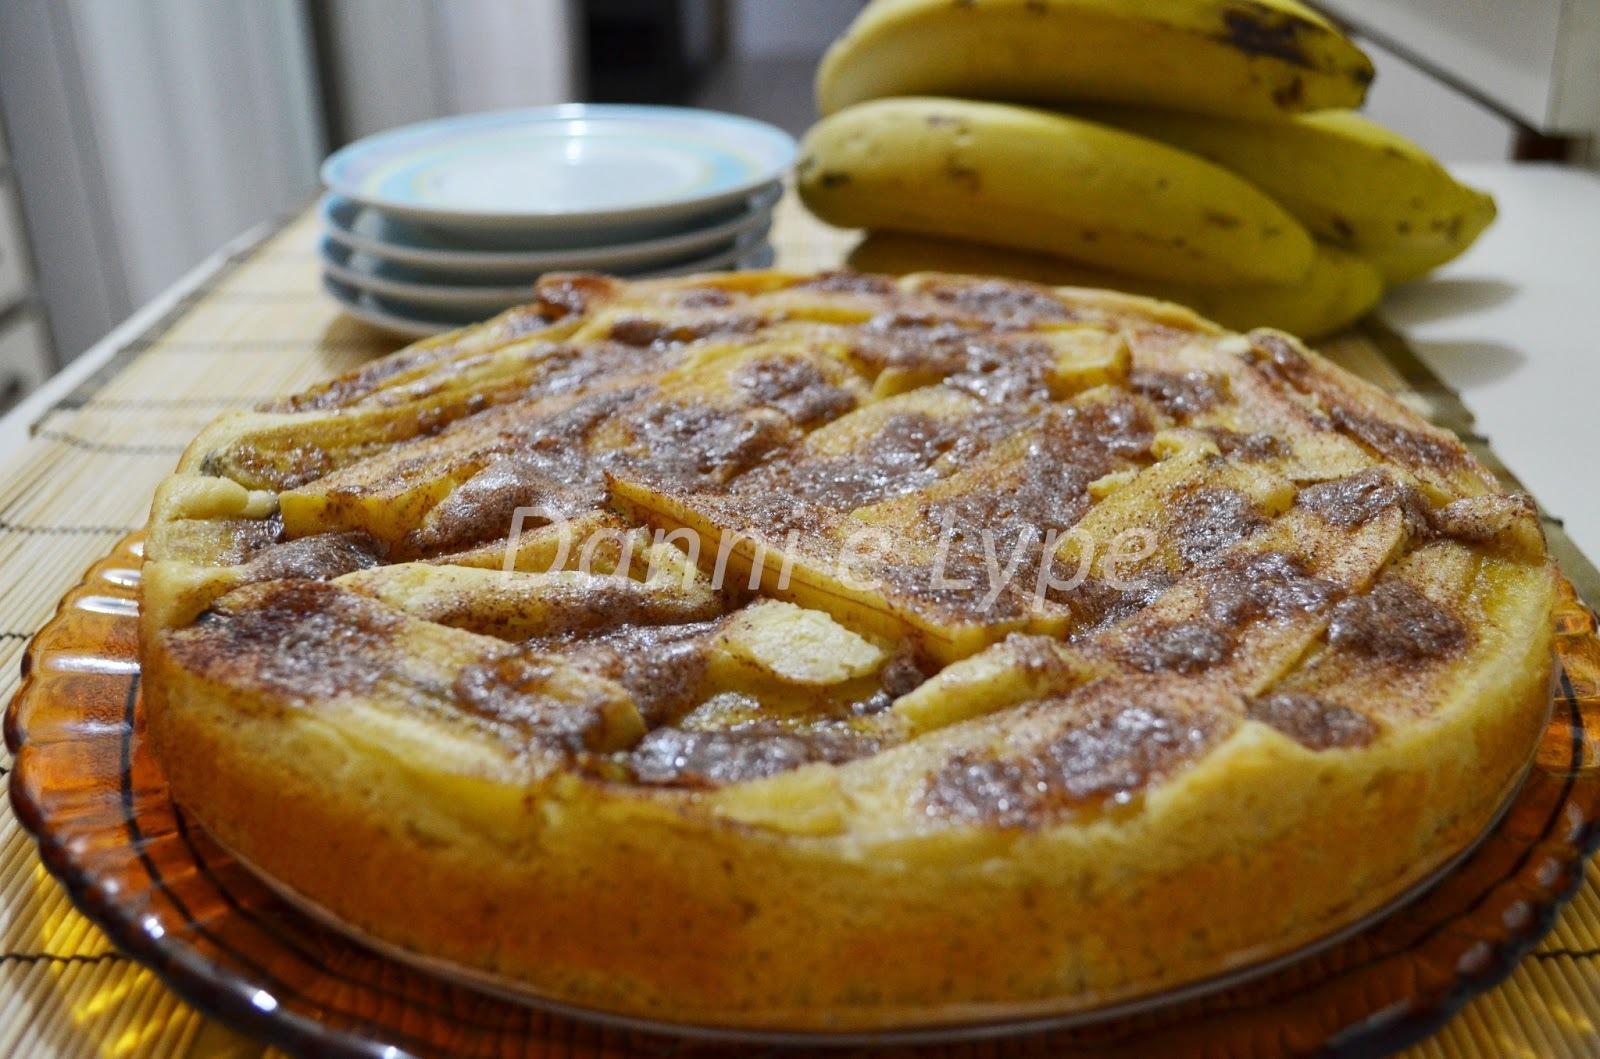 de bolo de banana com canela diet